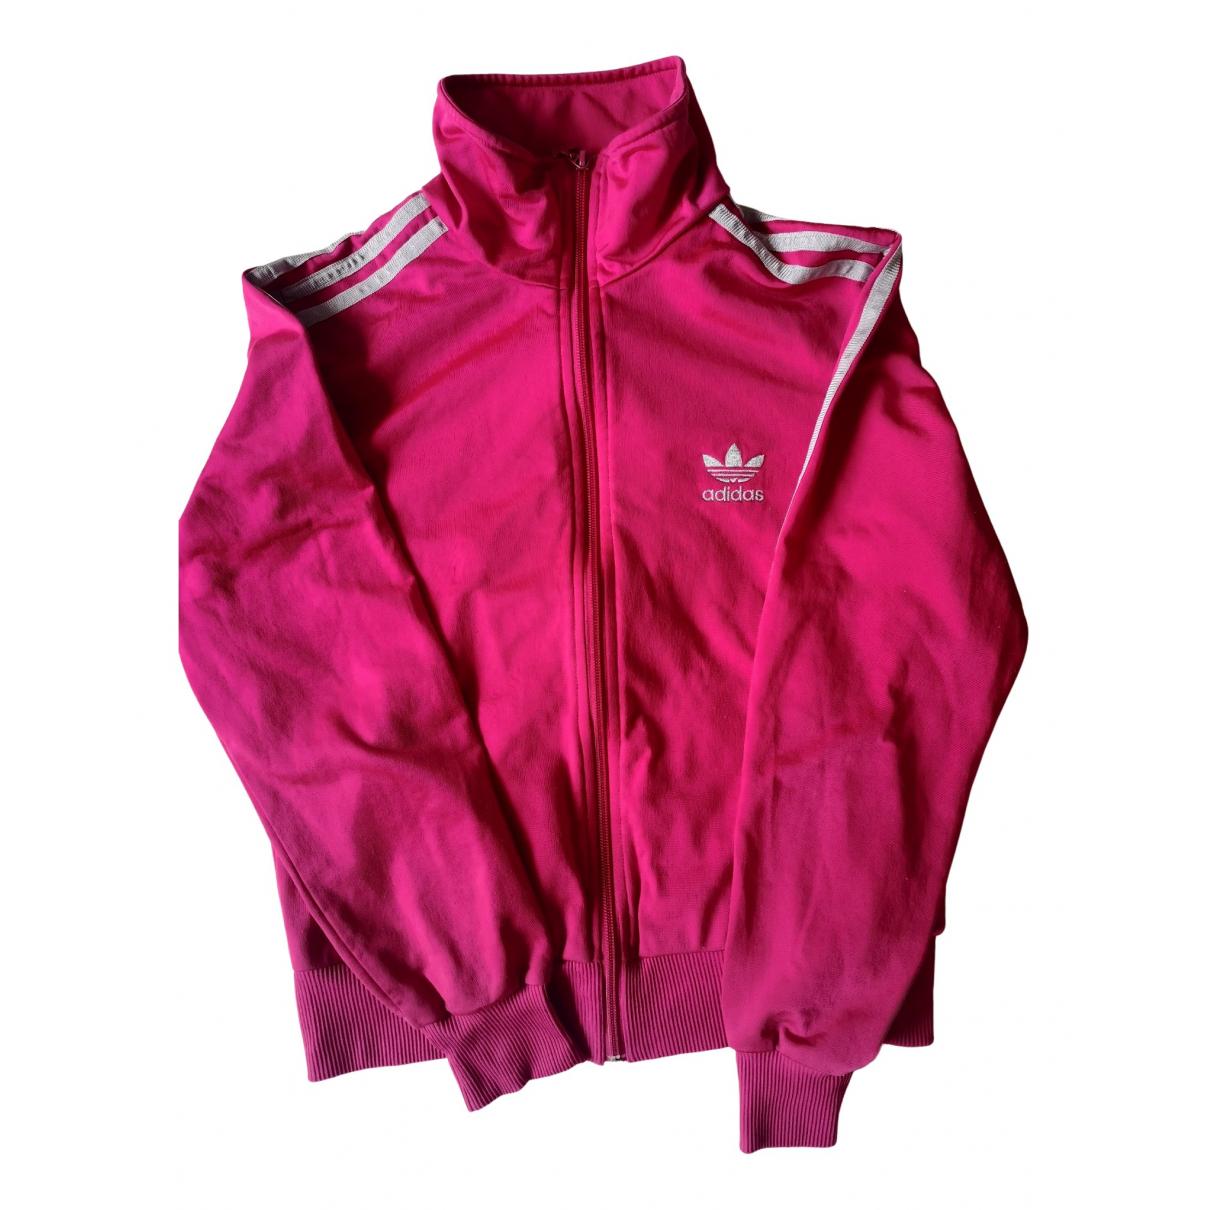 Adidas - Veste   pour femme - rose